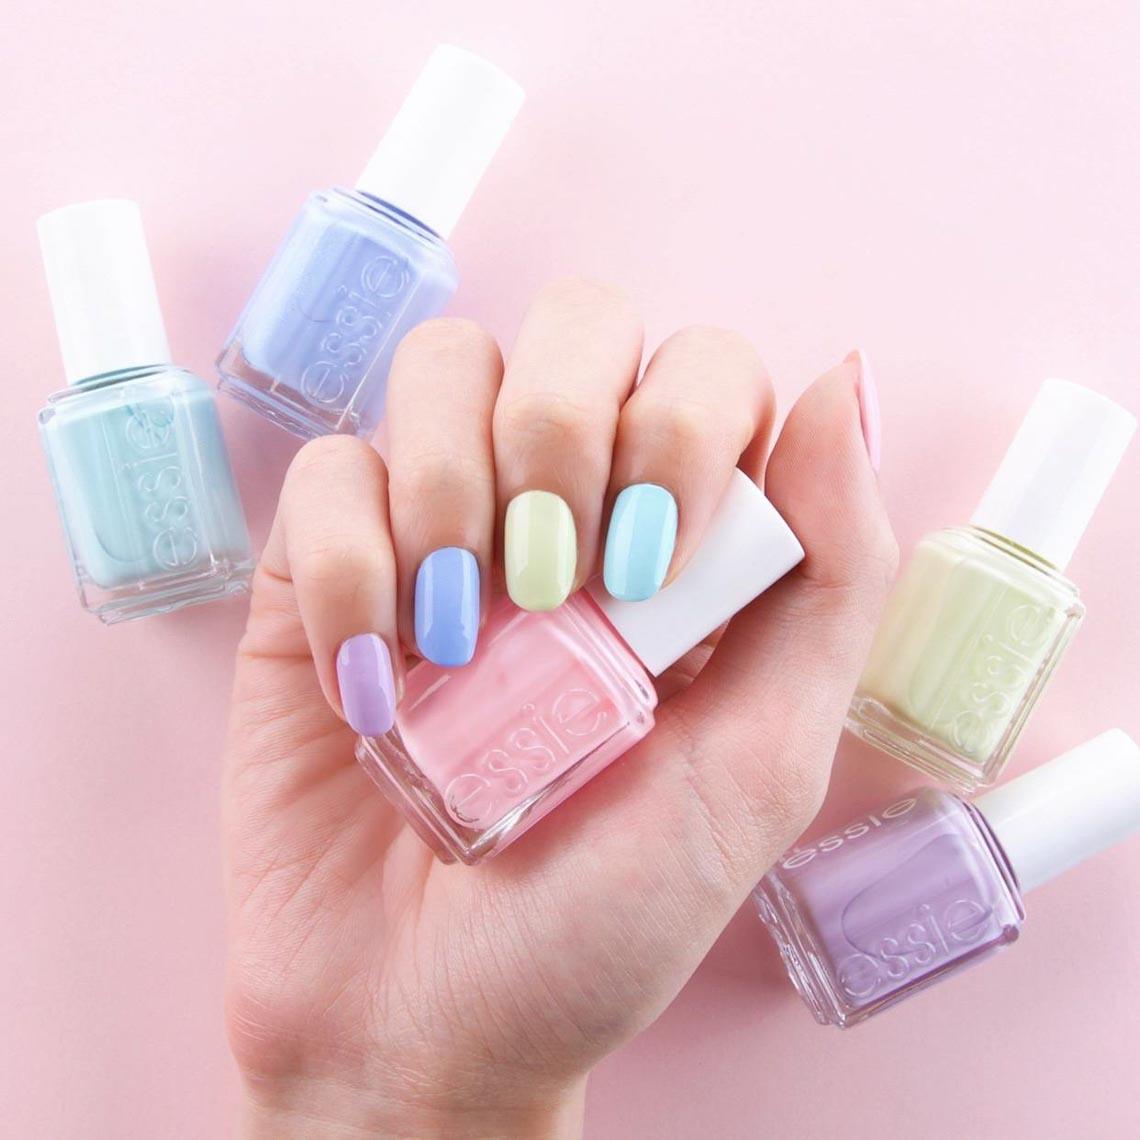 Các mẫu nails đang được yêu thích hiện nay - 4